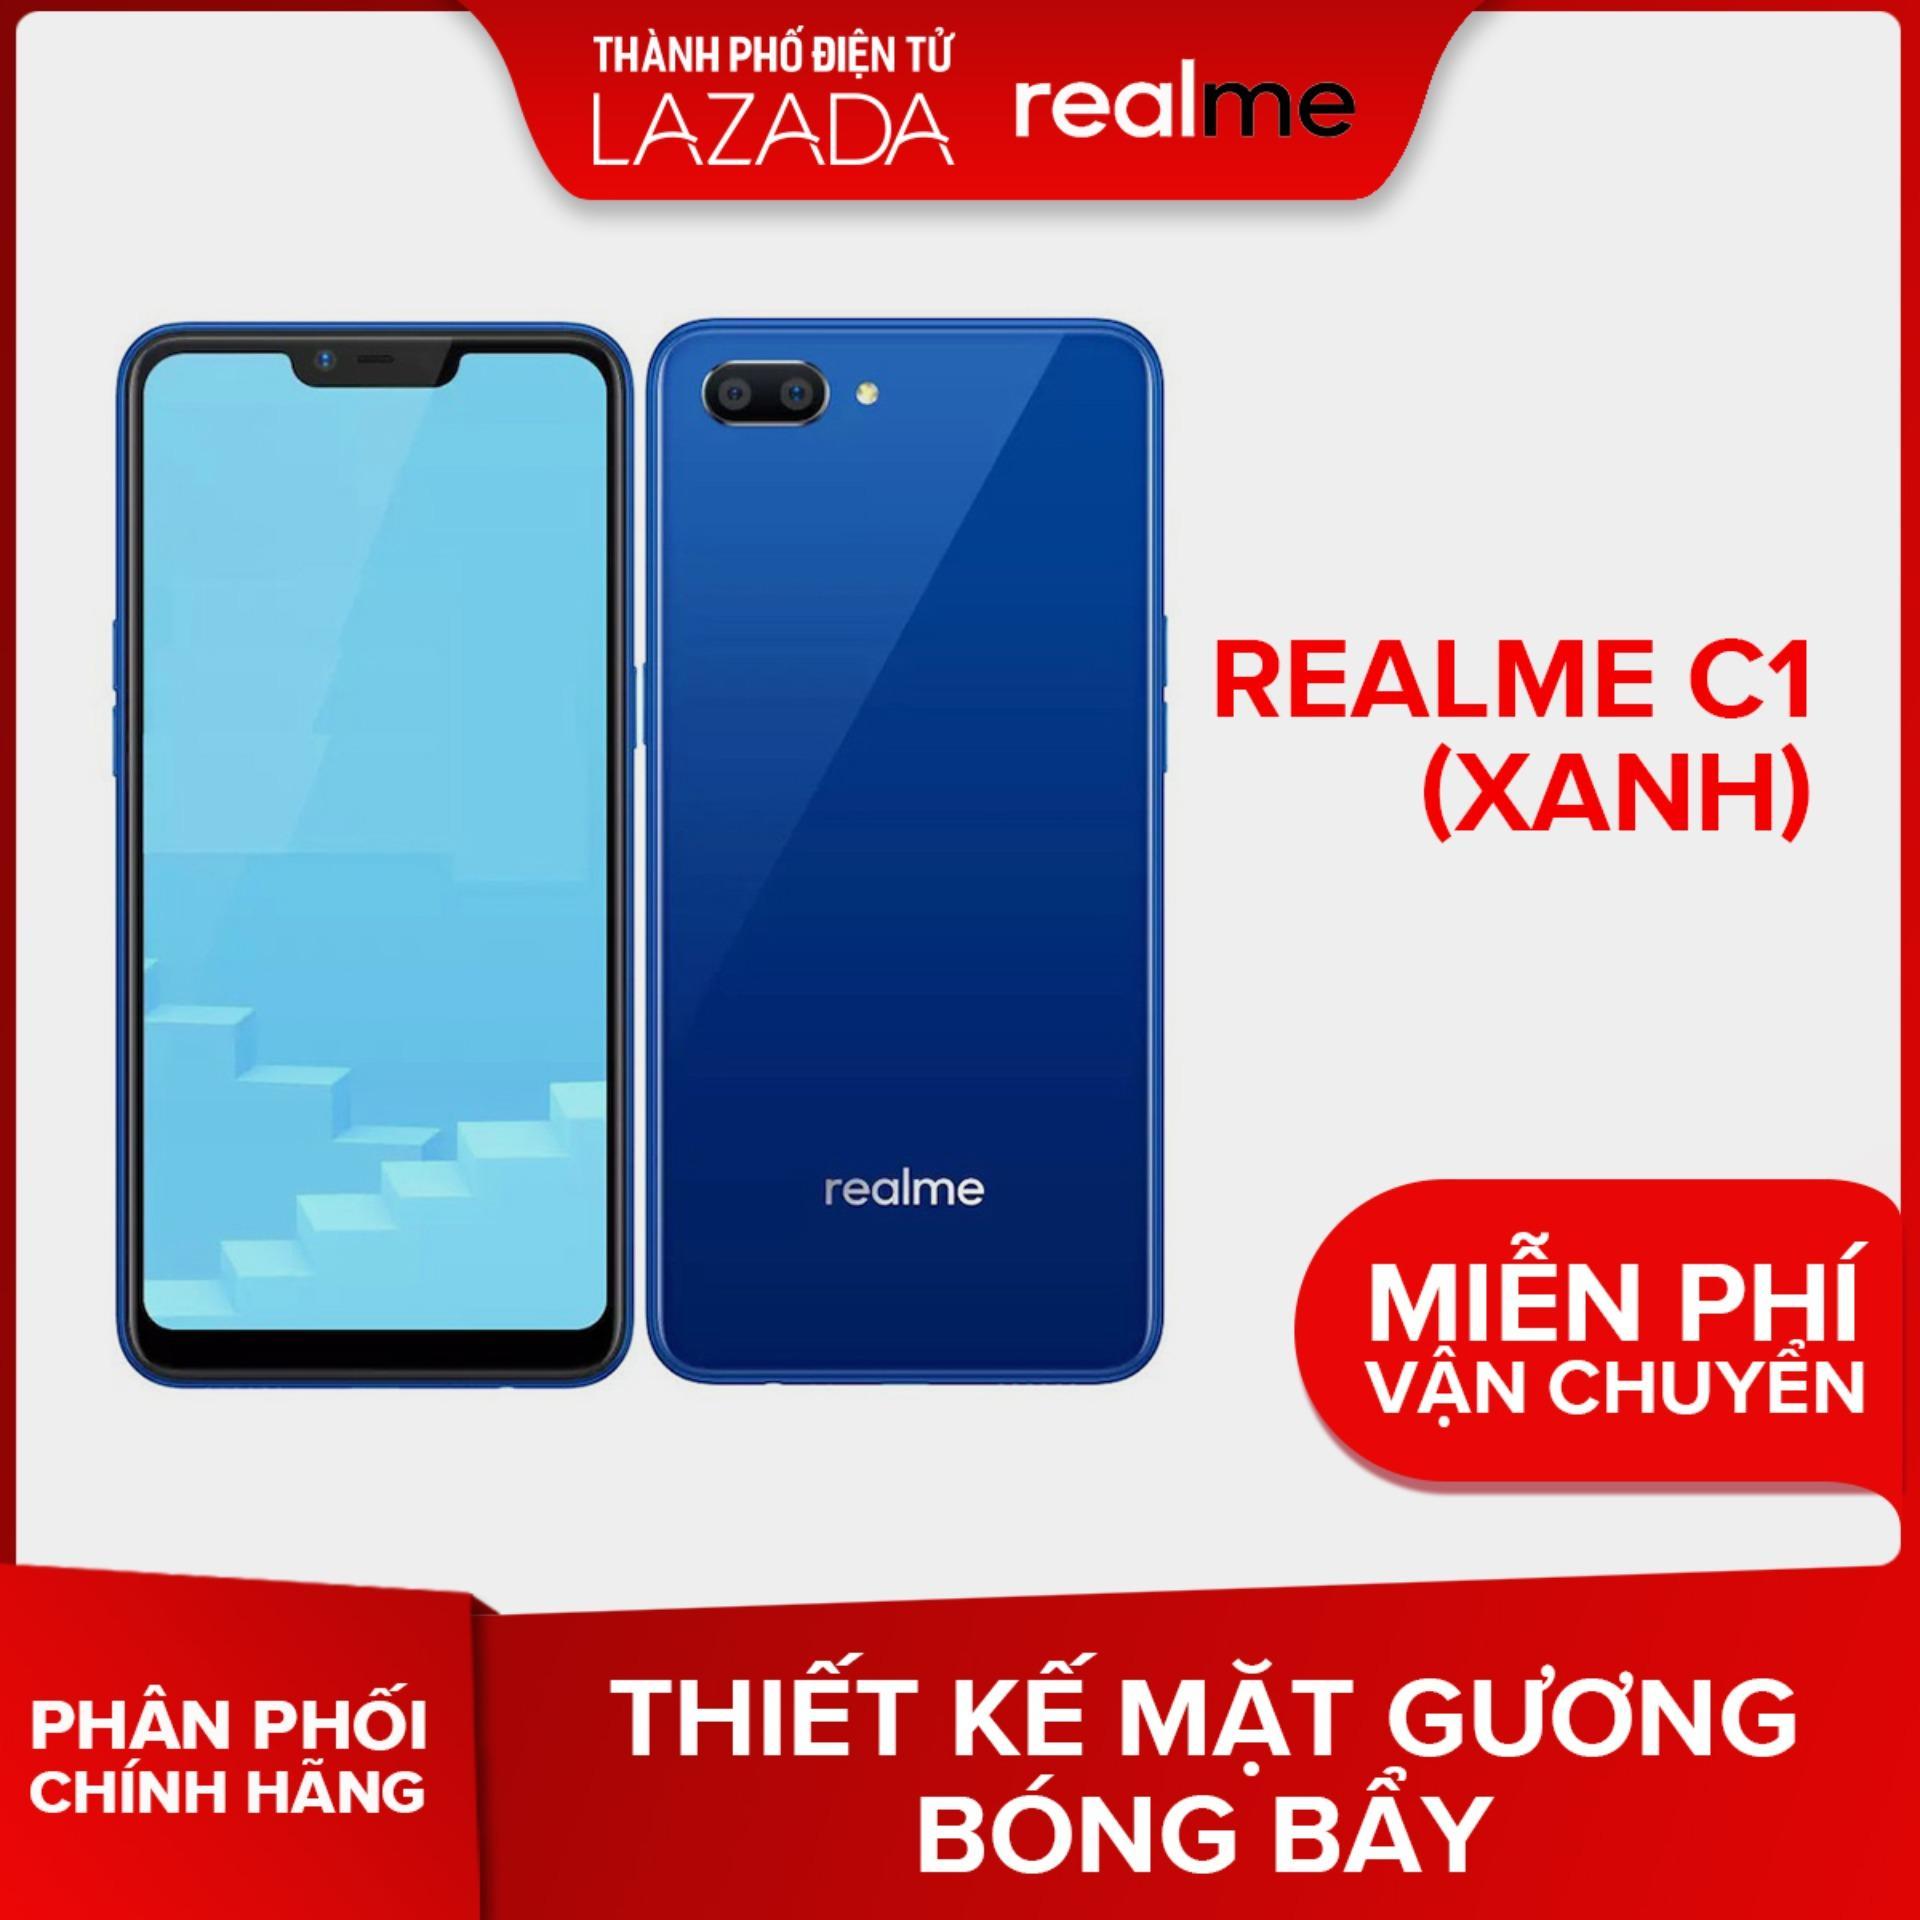 Realme C1 (Xanh) - Hãng phân phối chính thức